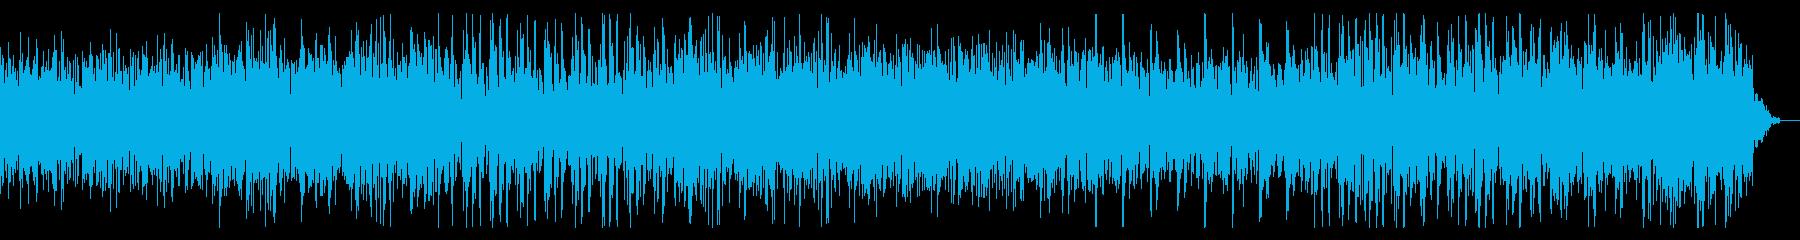 ノイジーでホラーテイストなBGMの再生済みの波形